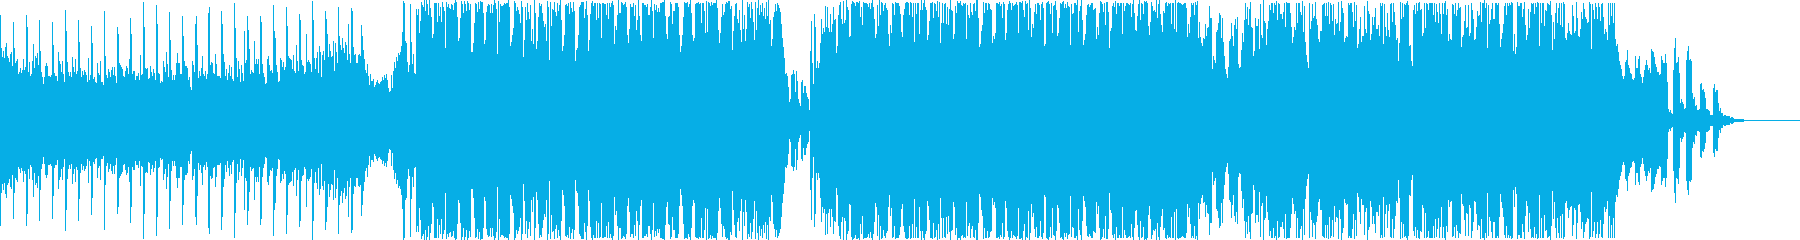 ジングルベルのノリノリEDMアレンジの再生済みの波形